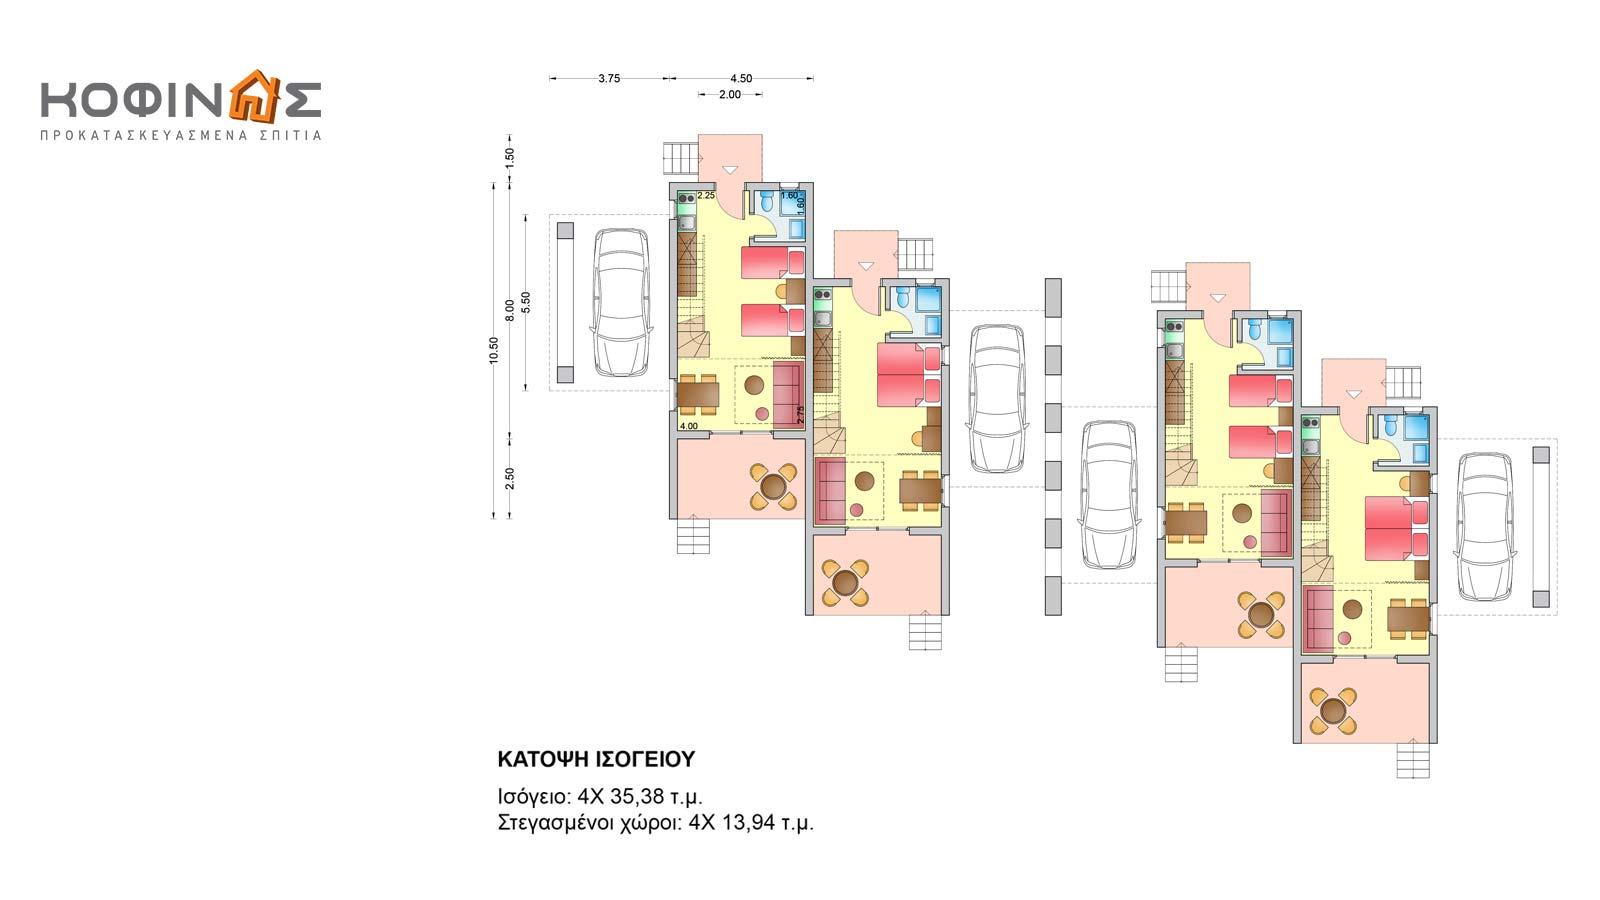 Συγκρότημα Κατοικιών E-59, συνολικής επιφάνειας 4 x 59,82 = 239,28 τ.μ.